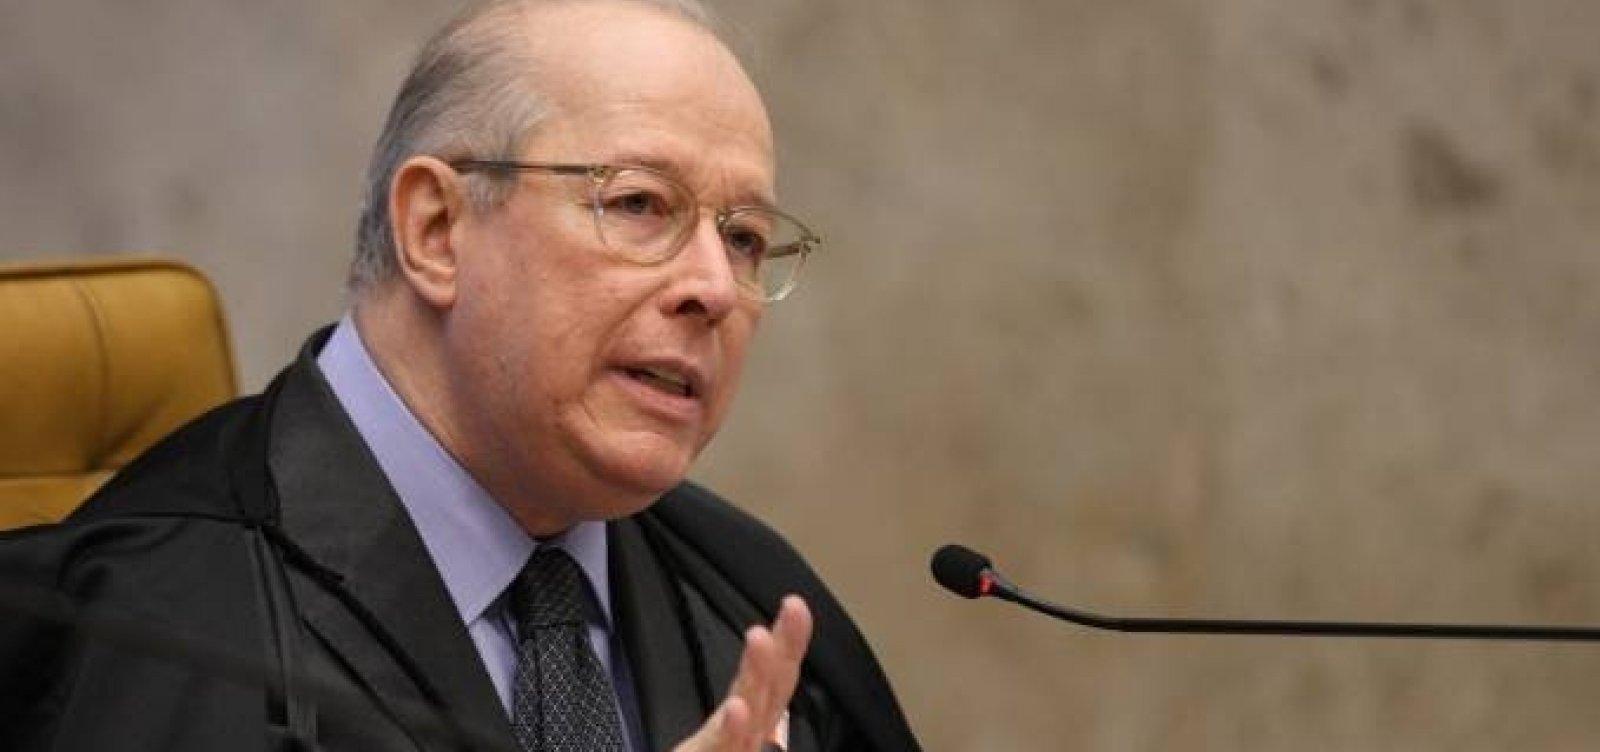 [Ministro manda arquivar denúncia criminal da Rede contra Bolsonaro]